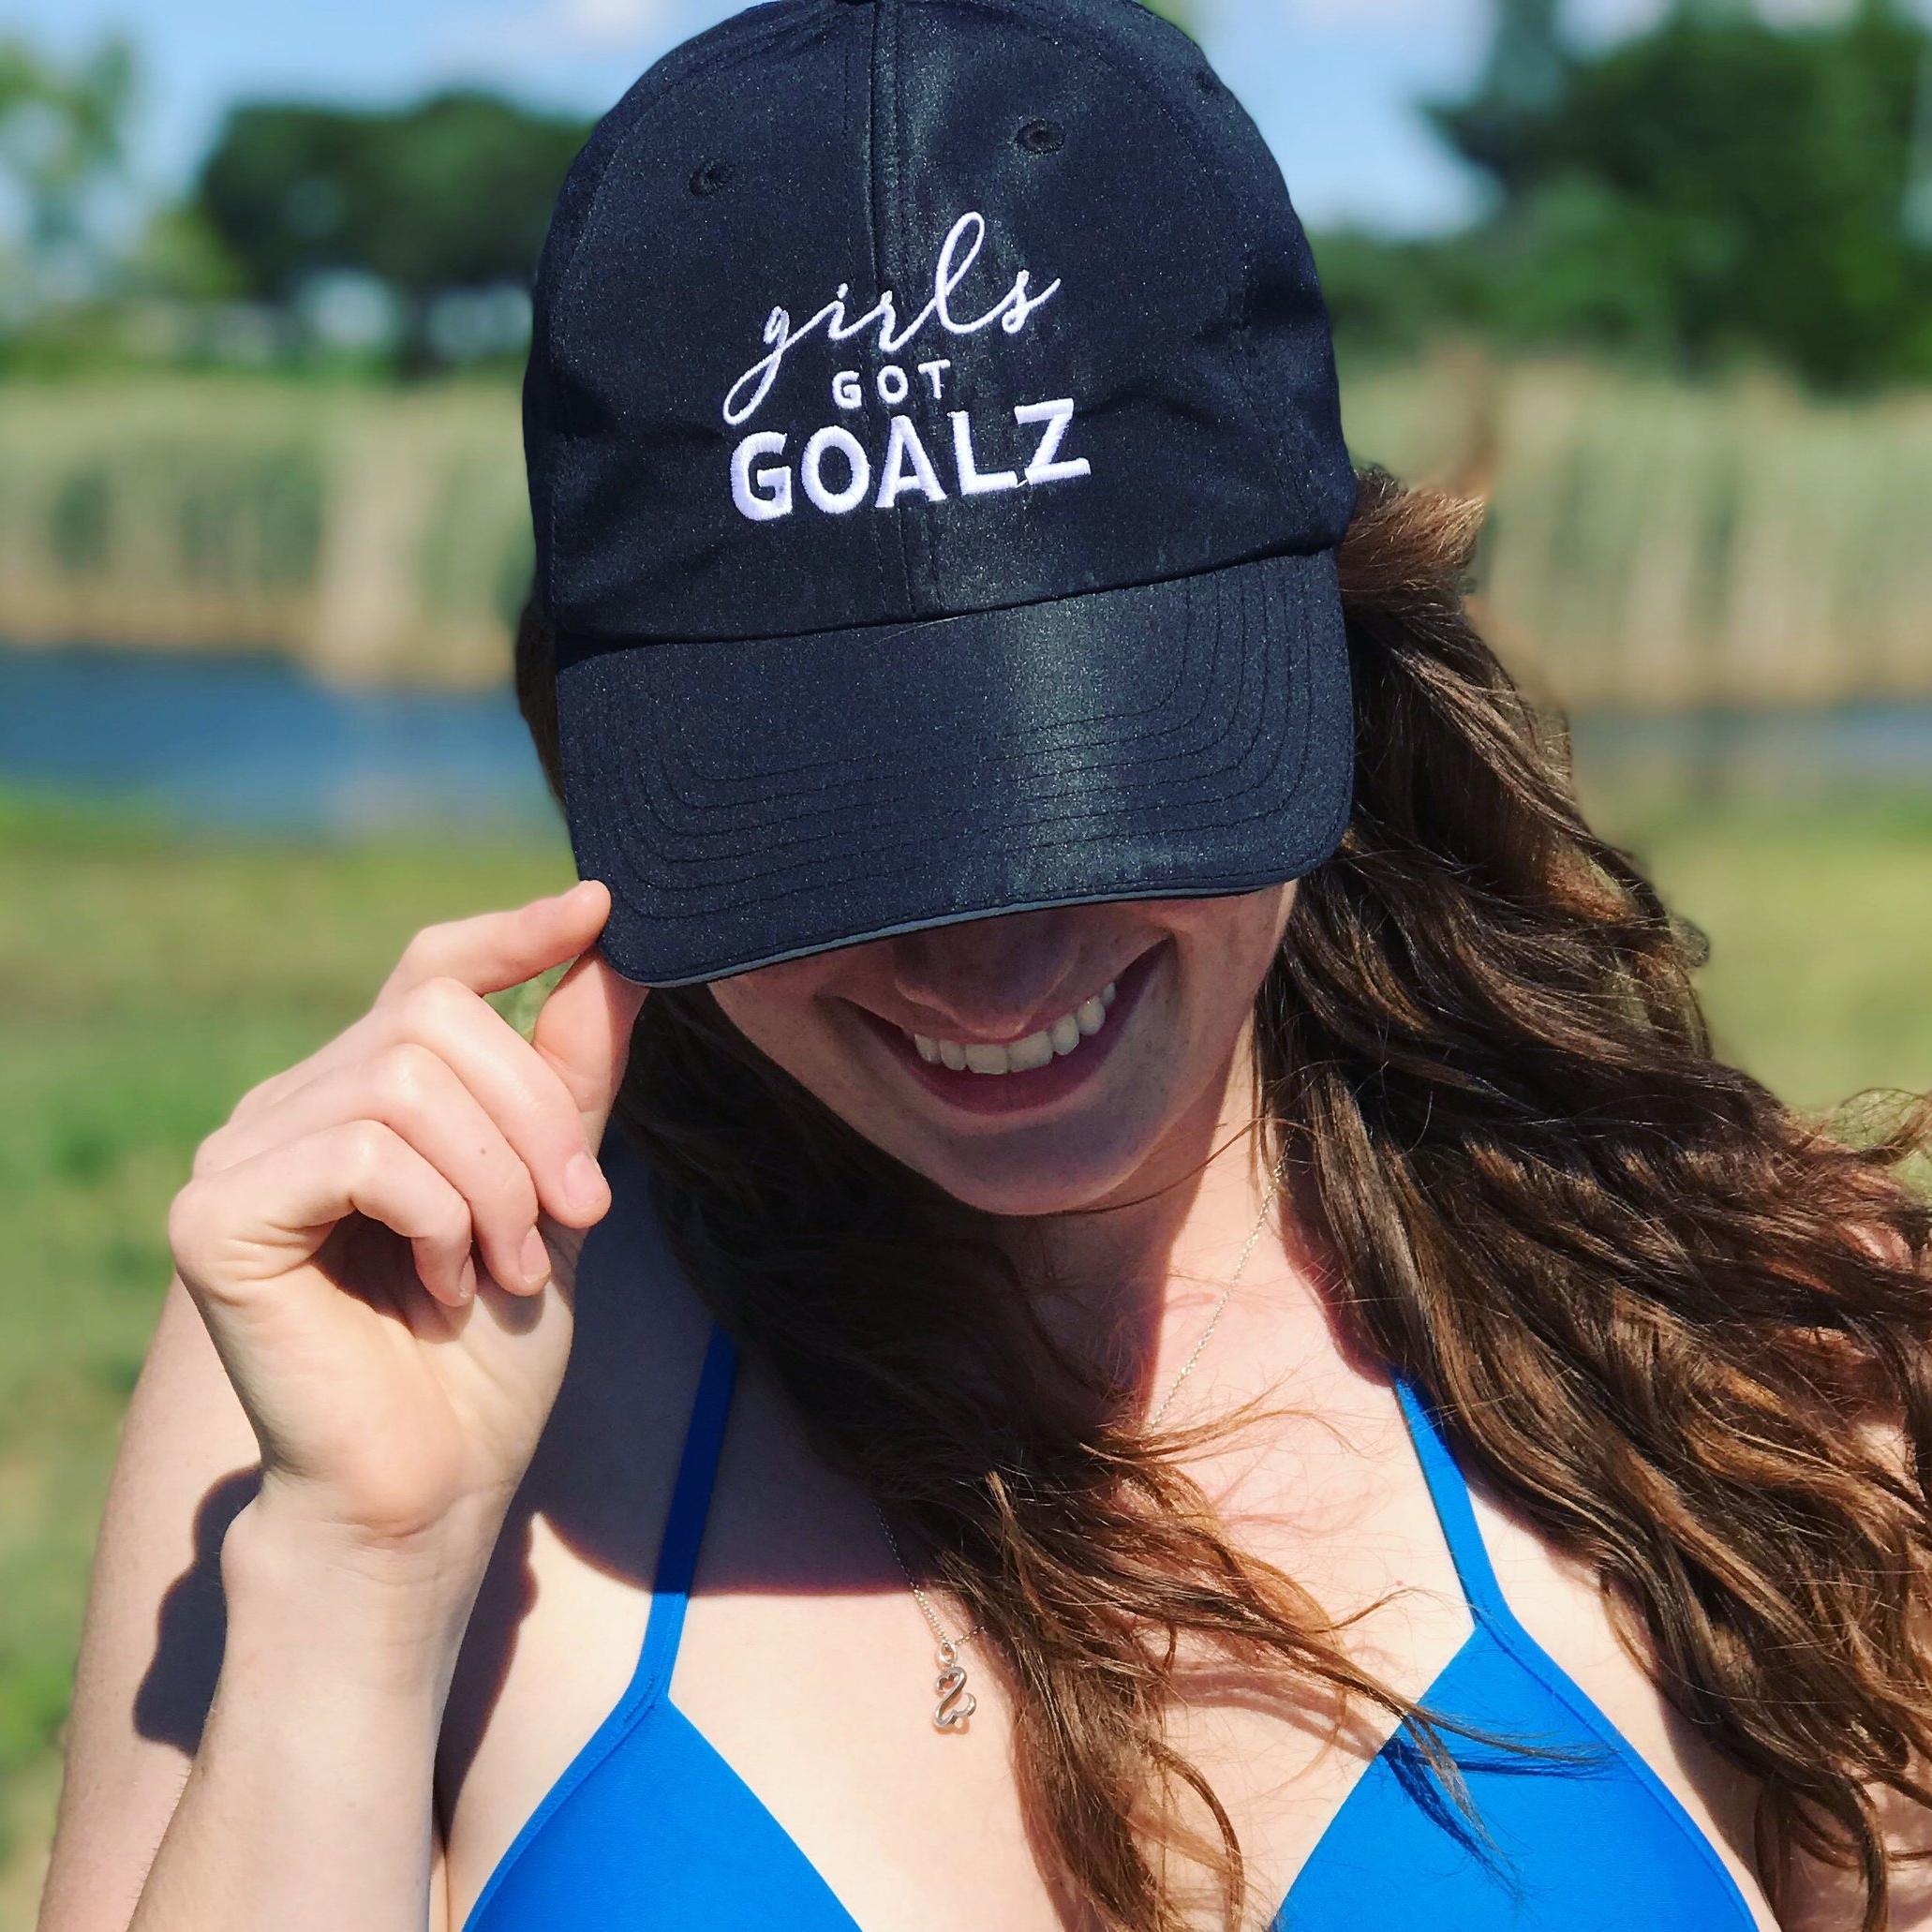 0532263619af4 Girls Got Goalz Black Workout Hat — GIRLS GOT GOALZ